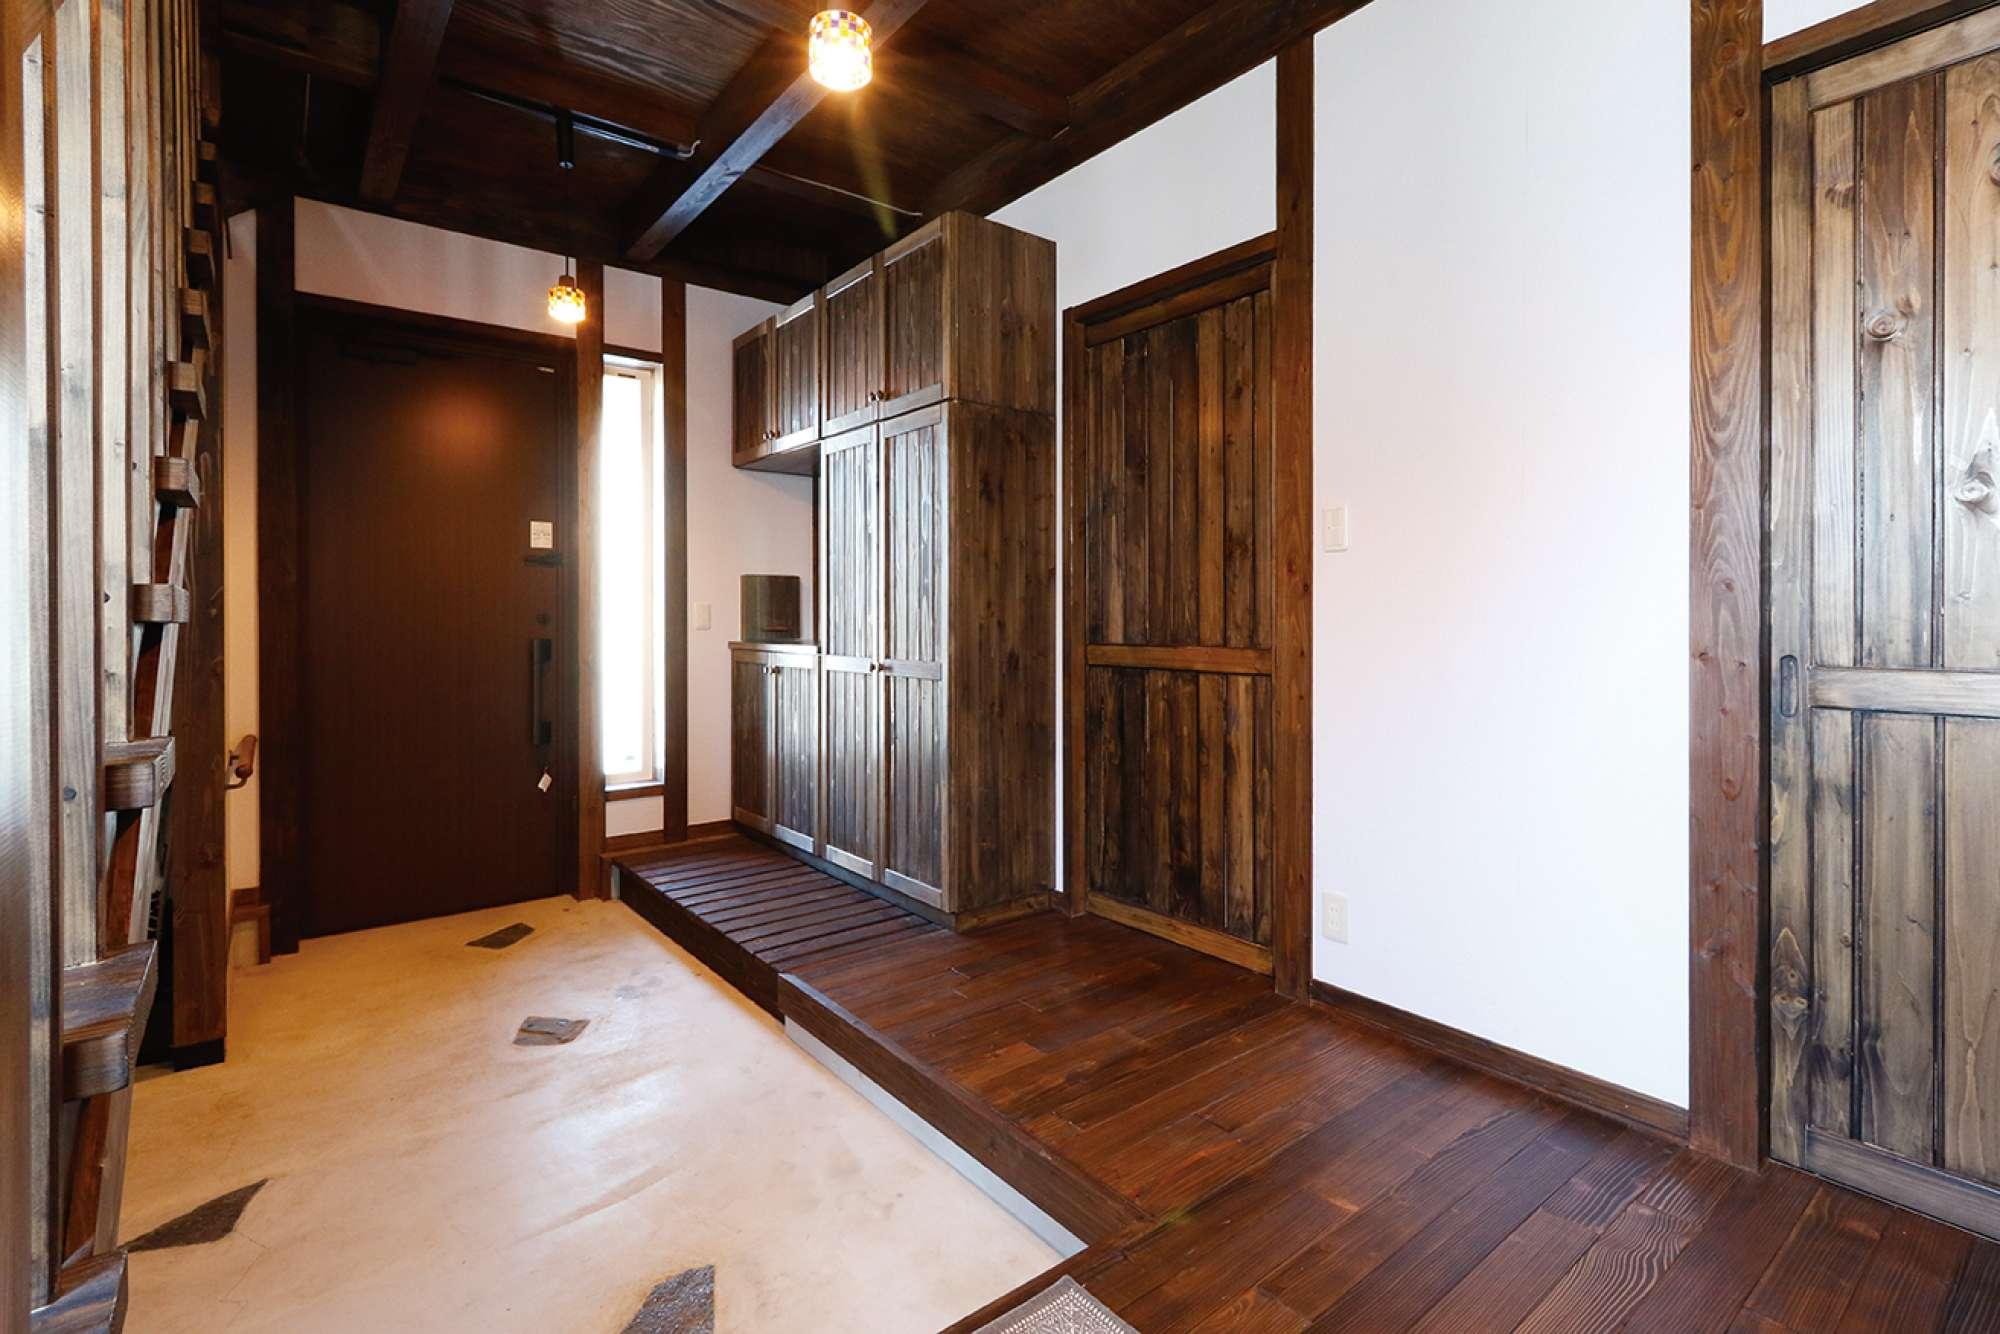 逆側から見た玄関の表情。広々とした空間に造作下駄箱が映える -  -  -